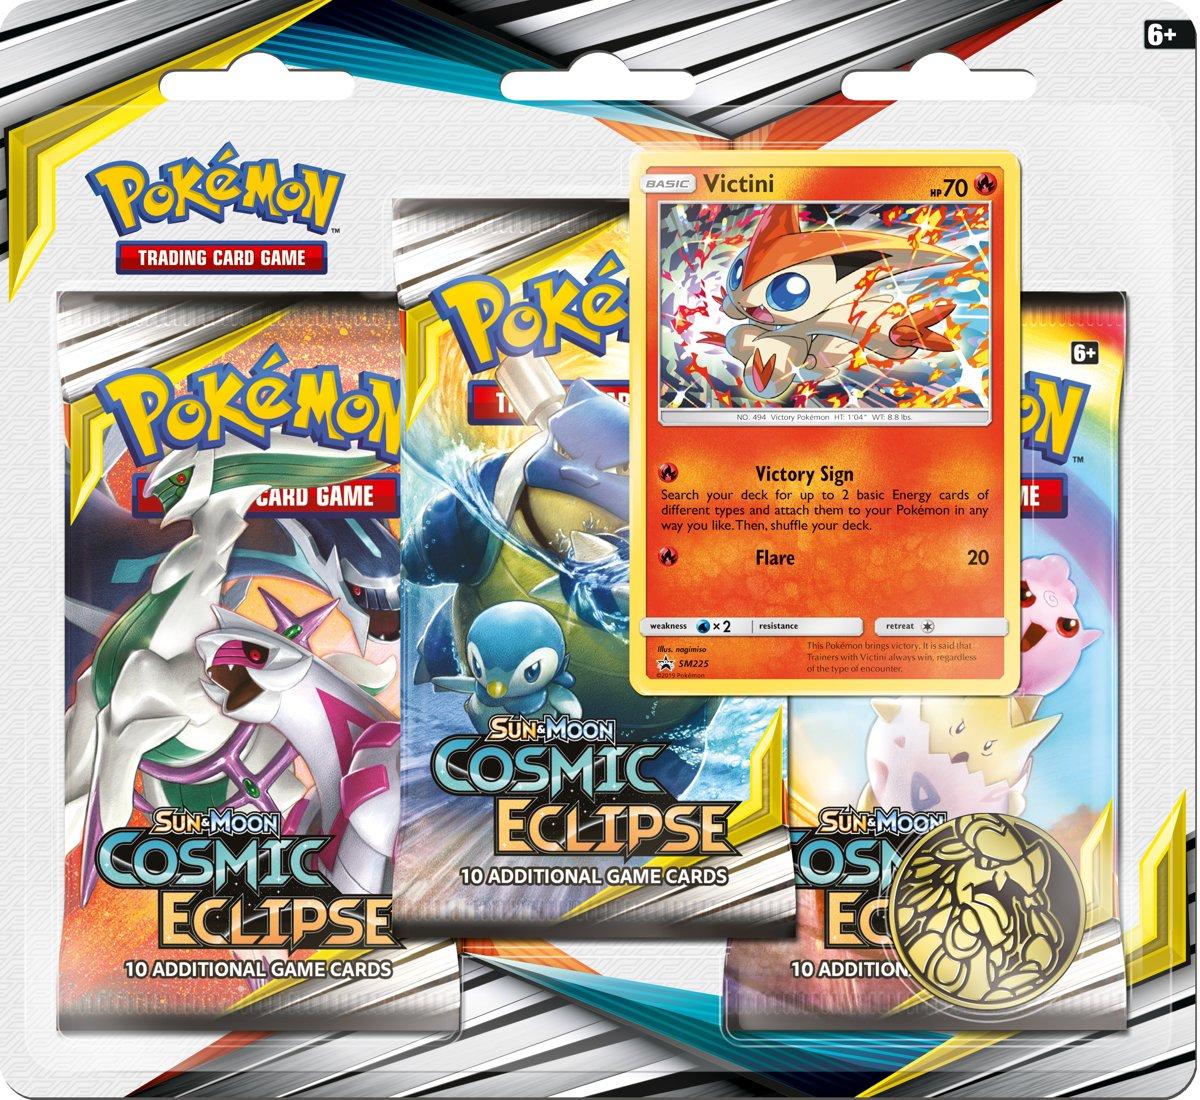 Pokémon Sun & Moon Cosmic Eclipse 3BoosterBlister Victini - Pokémon Kaarten kopen